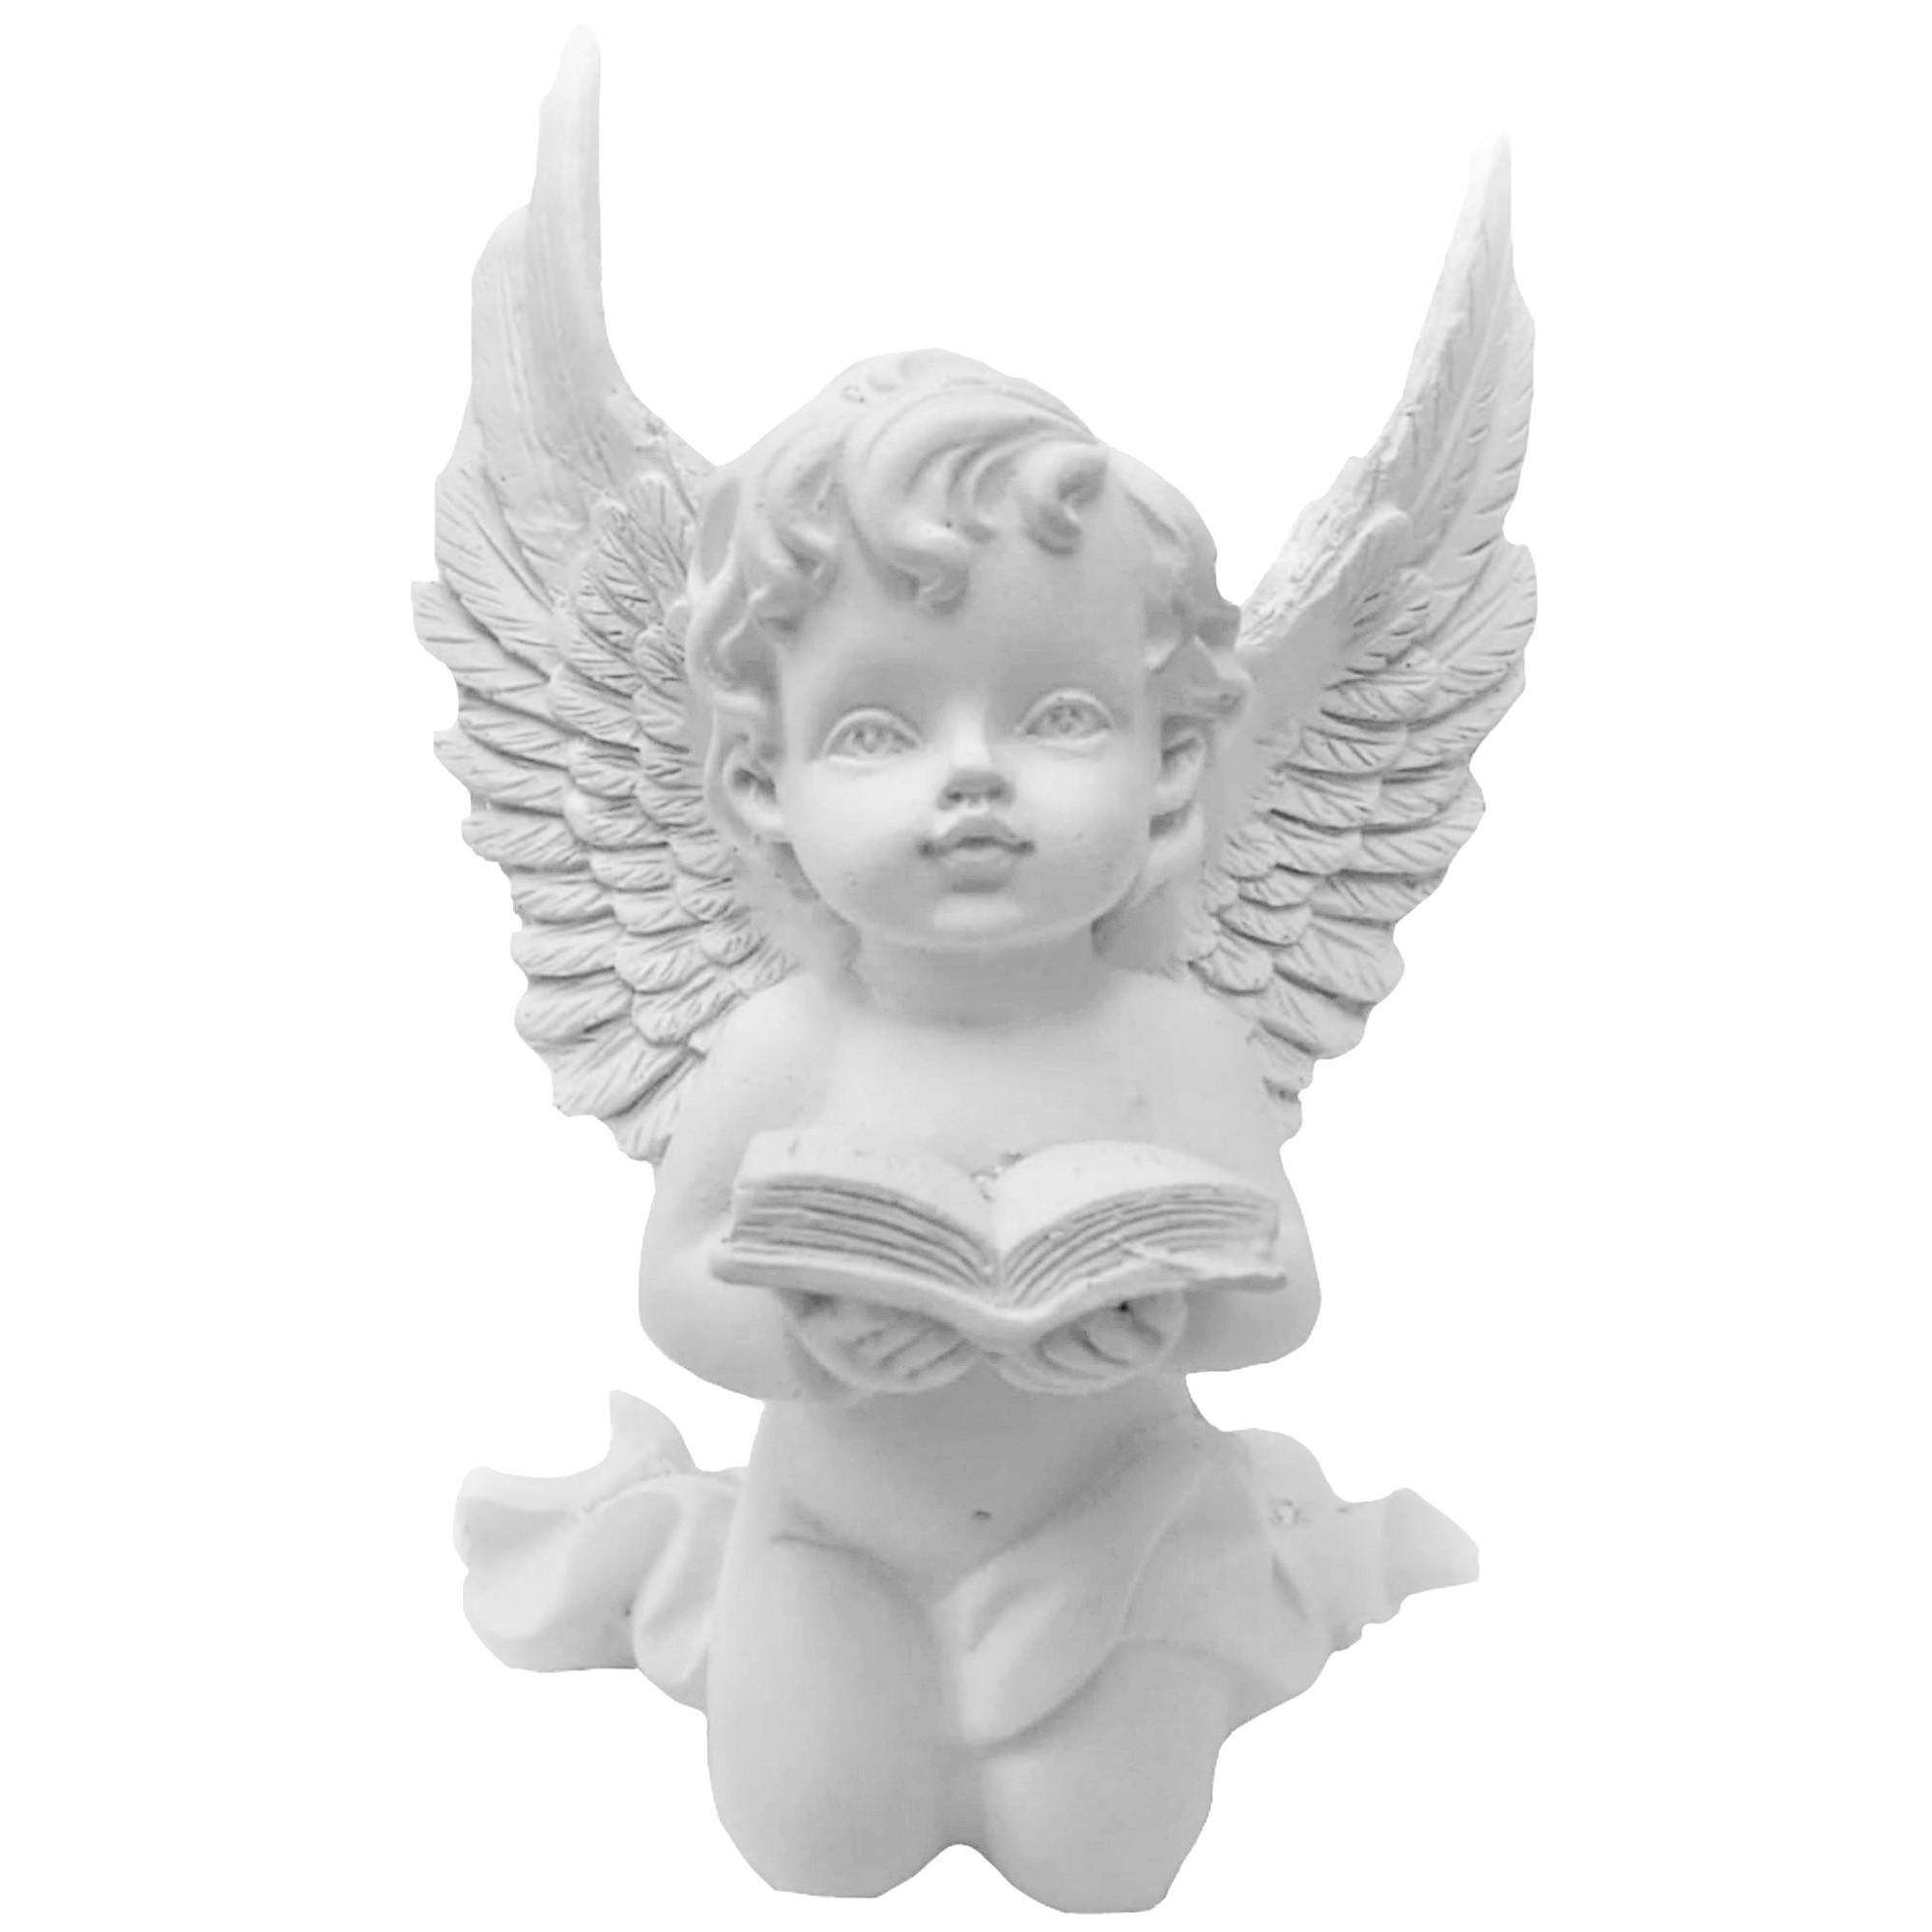 Anjo em resina branca